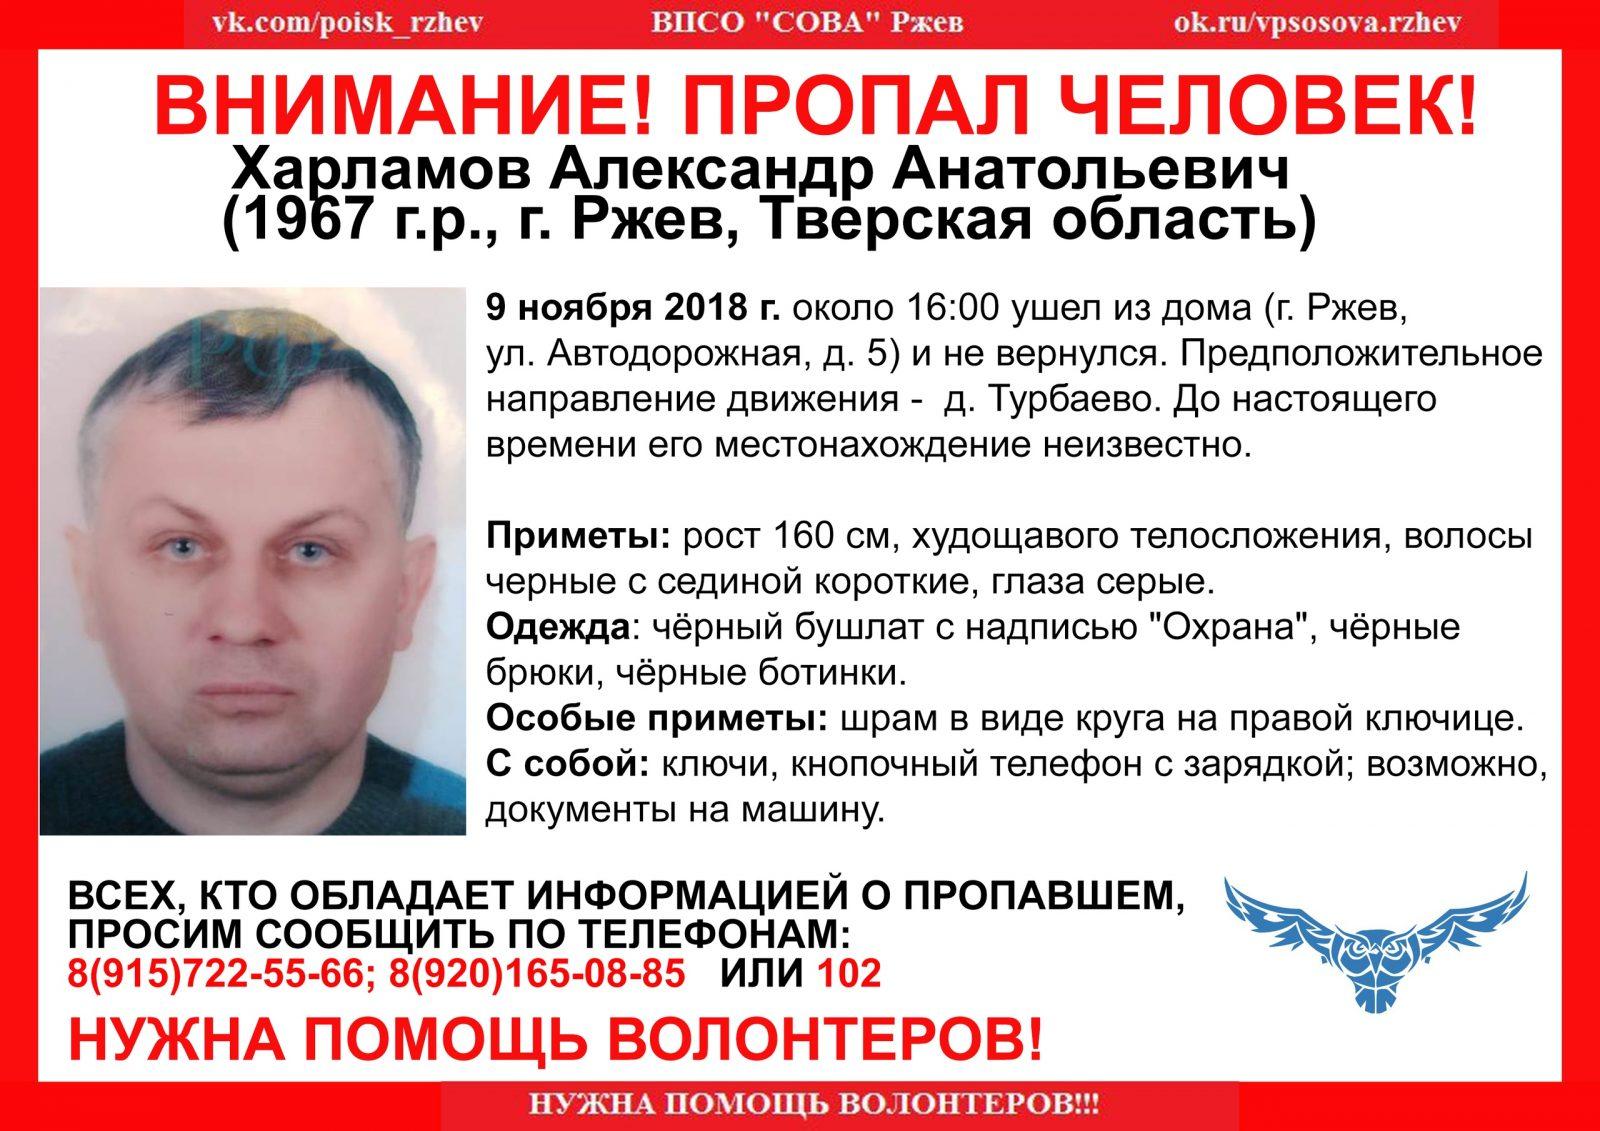 Пропал Харламов Александр Анатольевич (1967 г.р.)